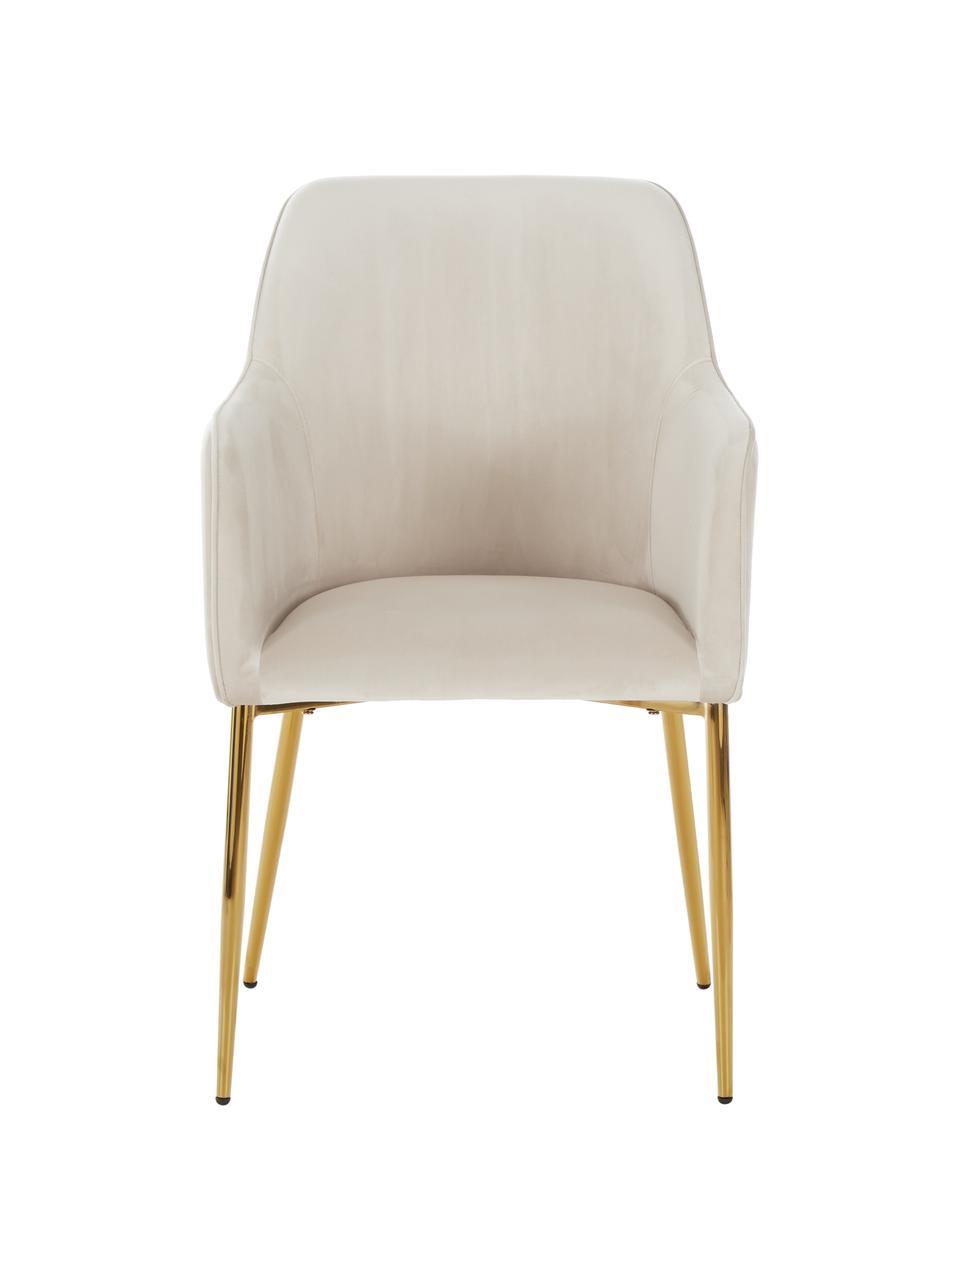 Krzesło z podłokietnikami z aksamitu Ava, Tapicerka: aksamit (100% poliester) , Nogi: metal galwanizowany, Aksamitny beżowy, S 57 x G 63 cm